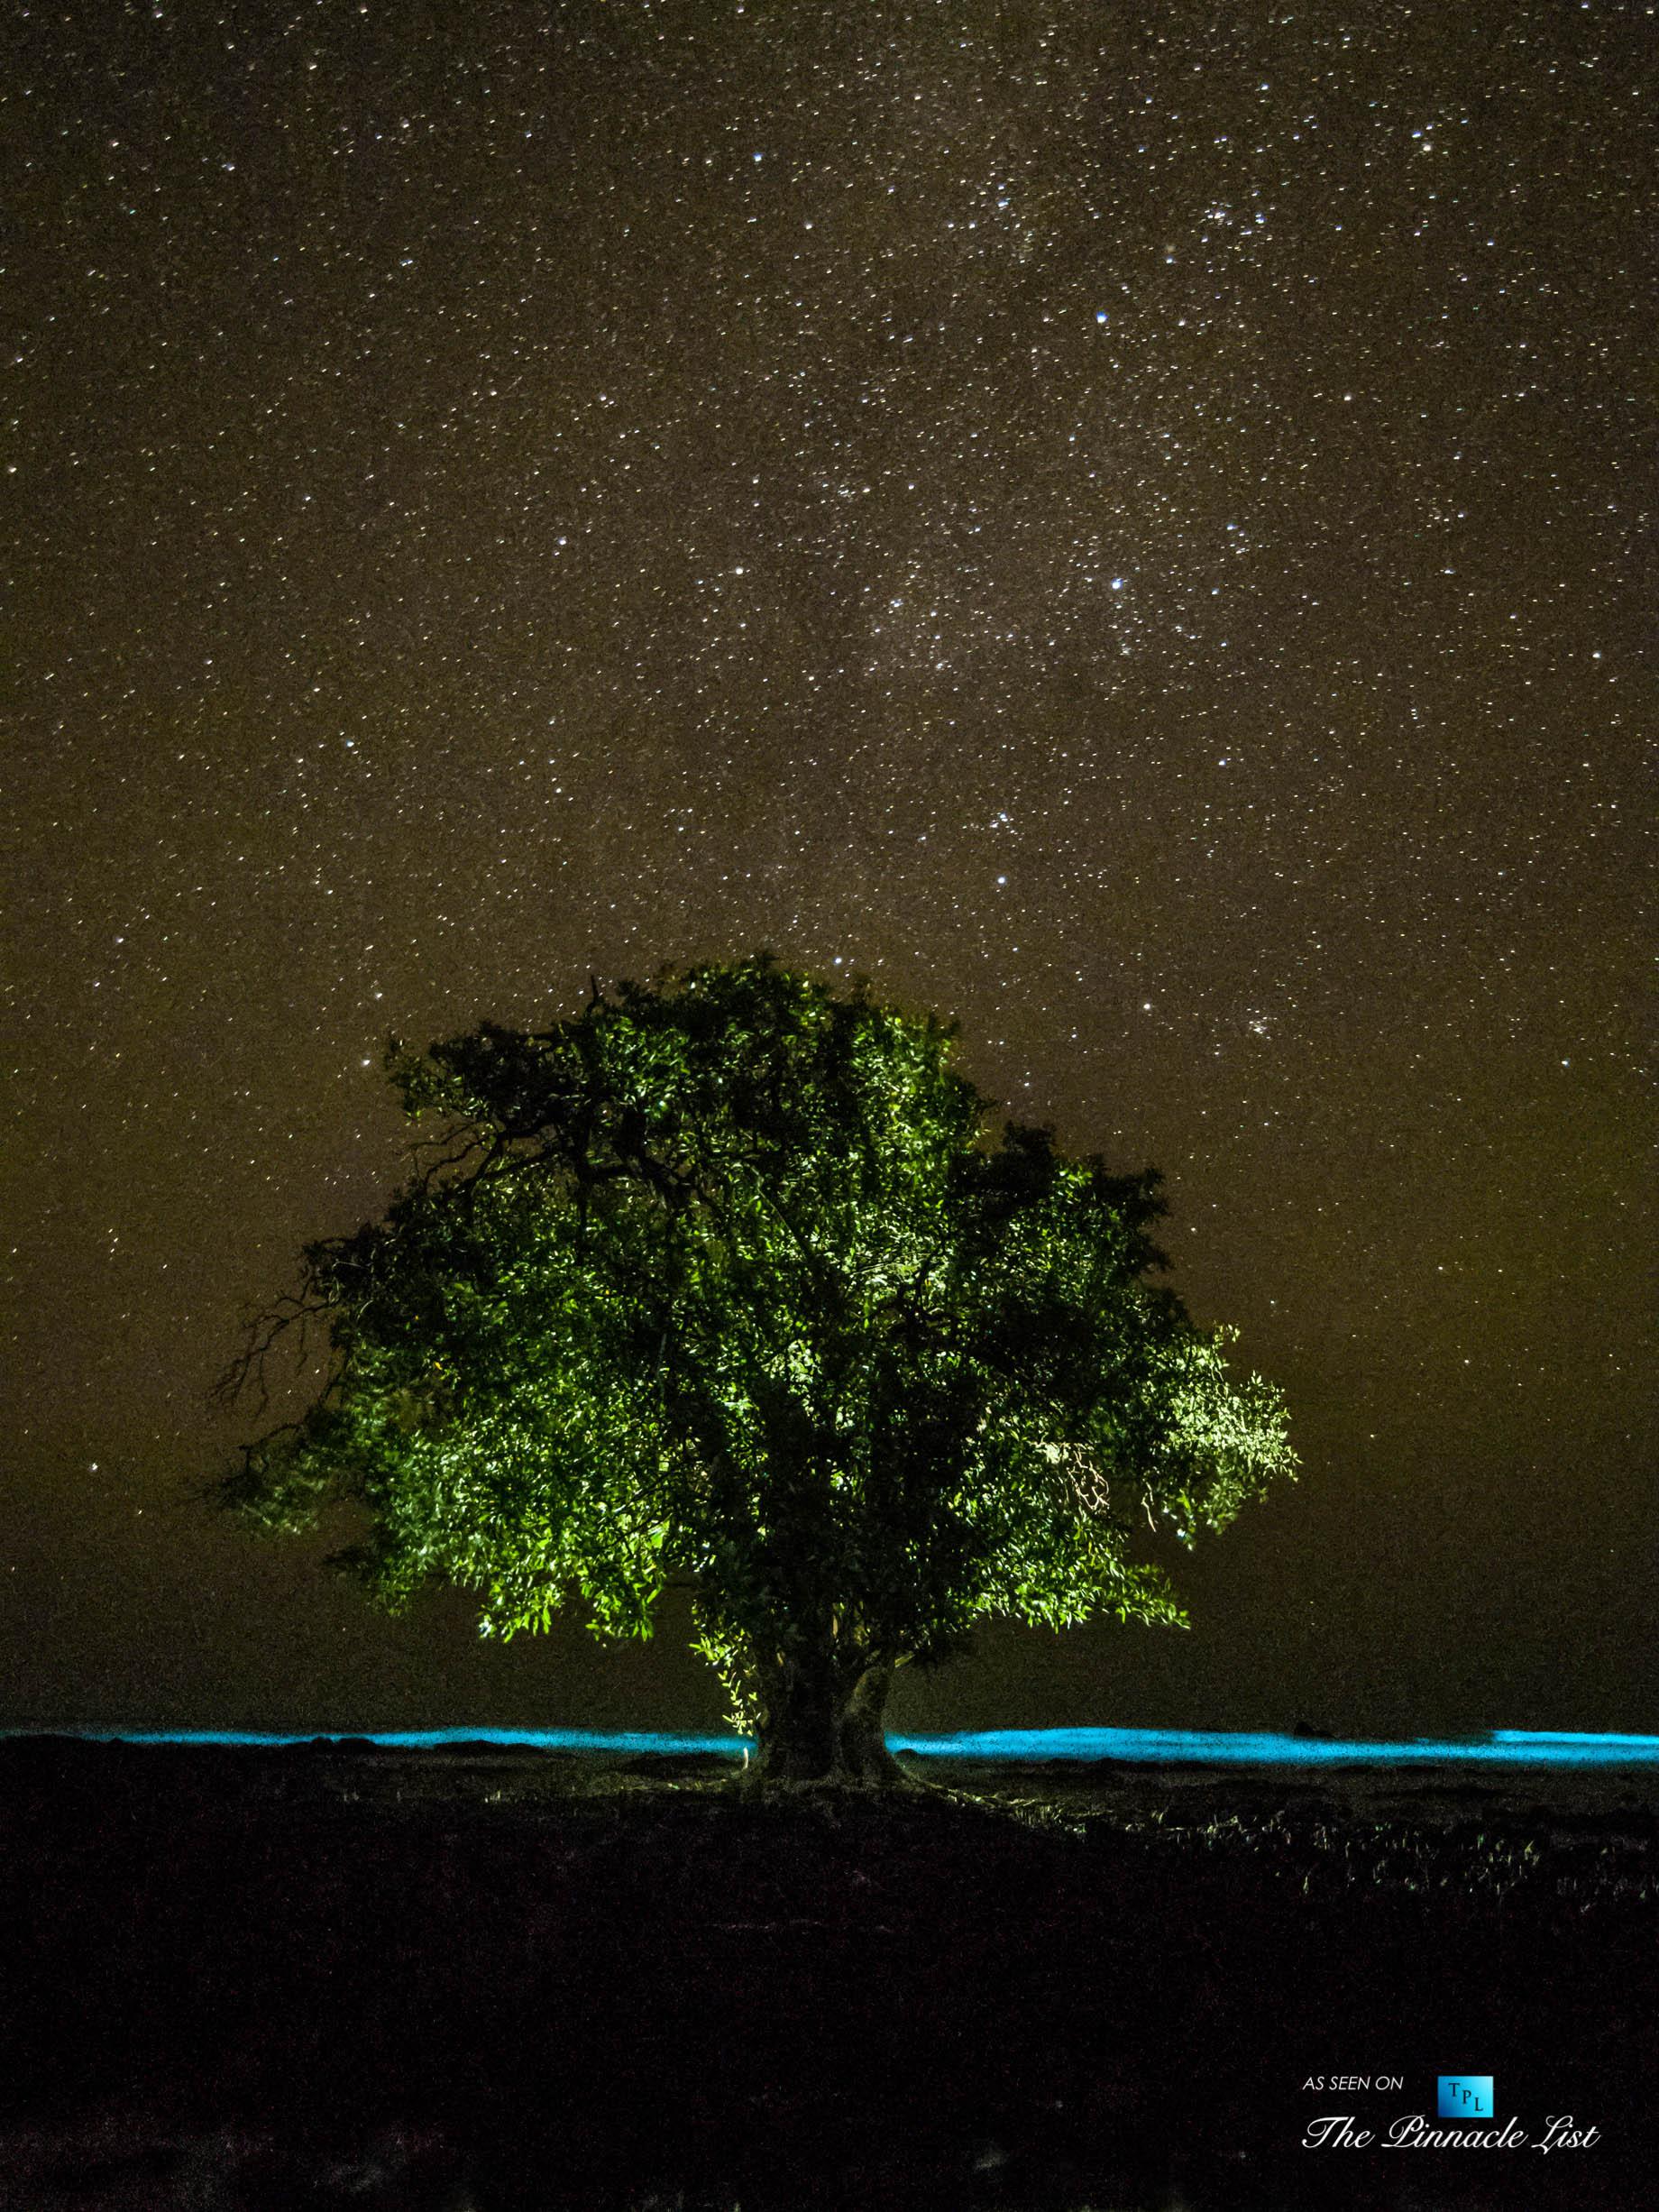 Tambor Tropical Beach Resort – Tambor, Puntarenas, Costa Rica – Surreal Night View of Tropical Tree Under Stars